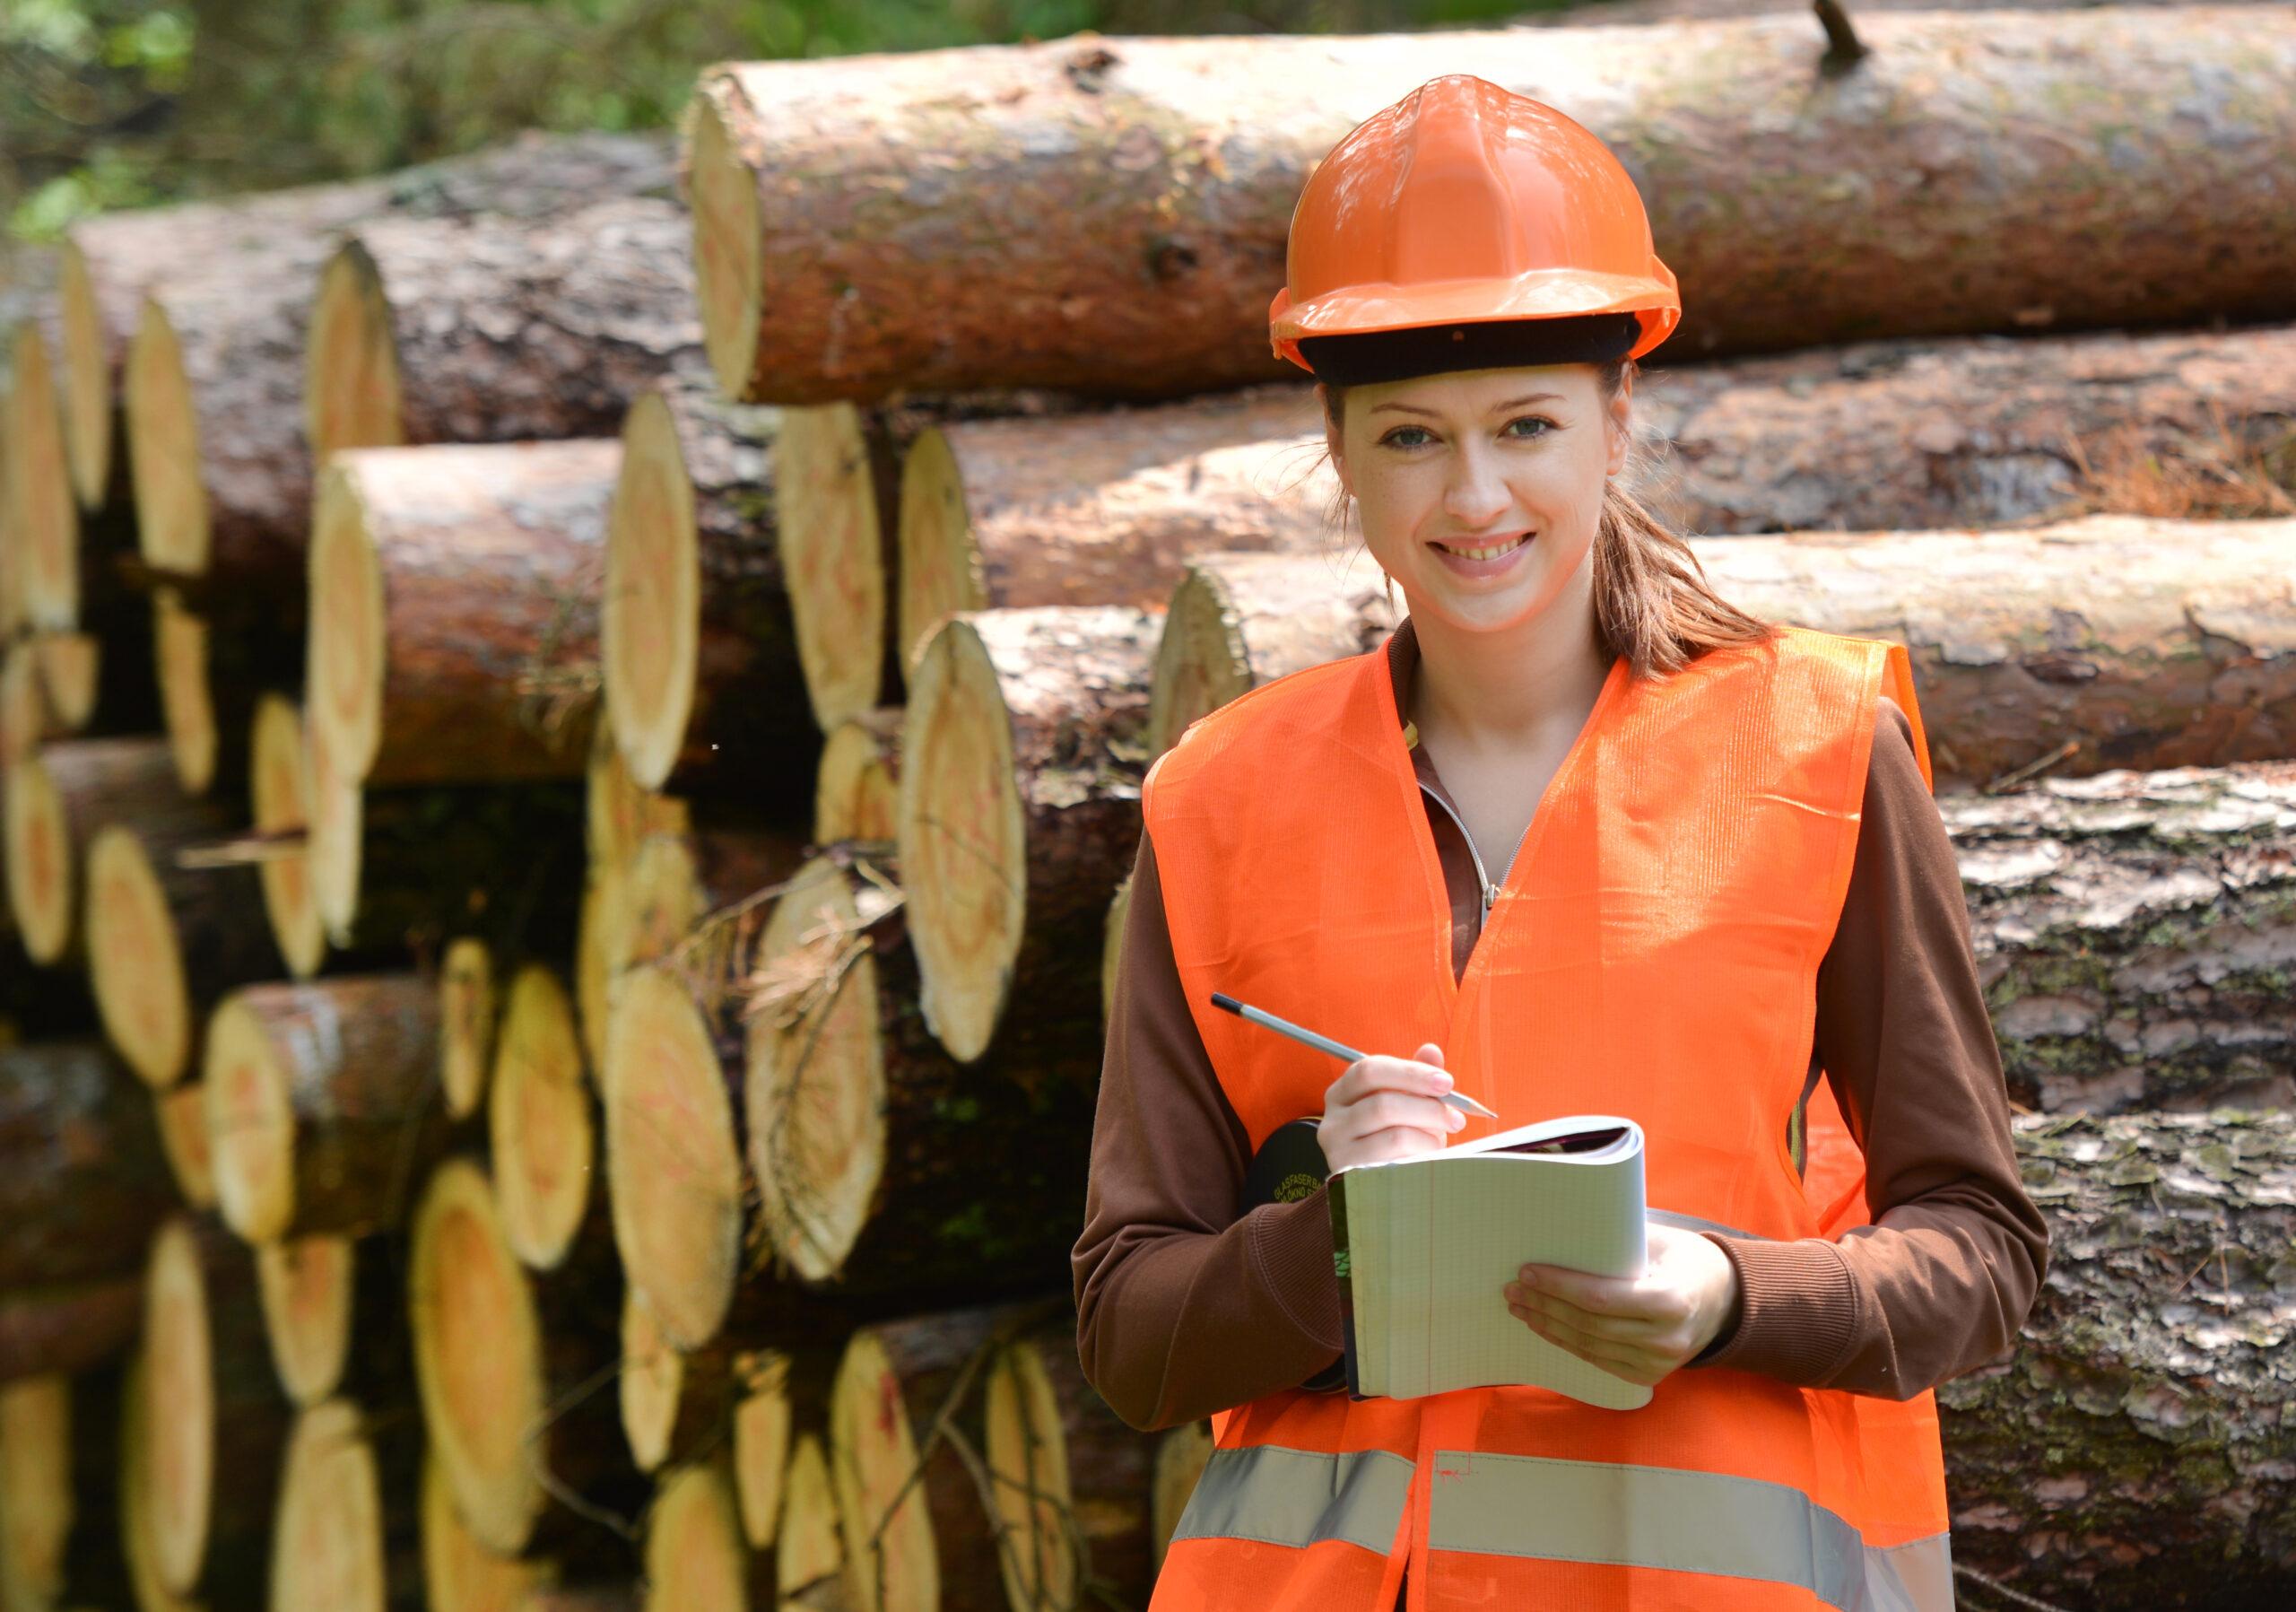 Metsäala tutuksi - työtä metsästä (nro 698521)